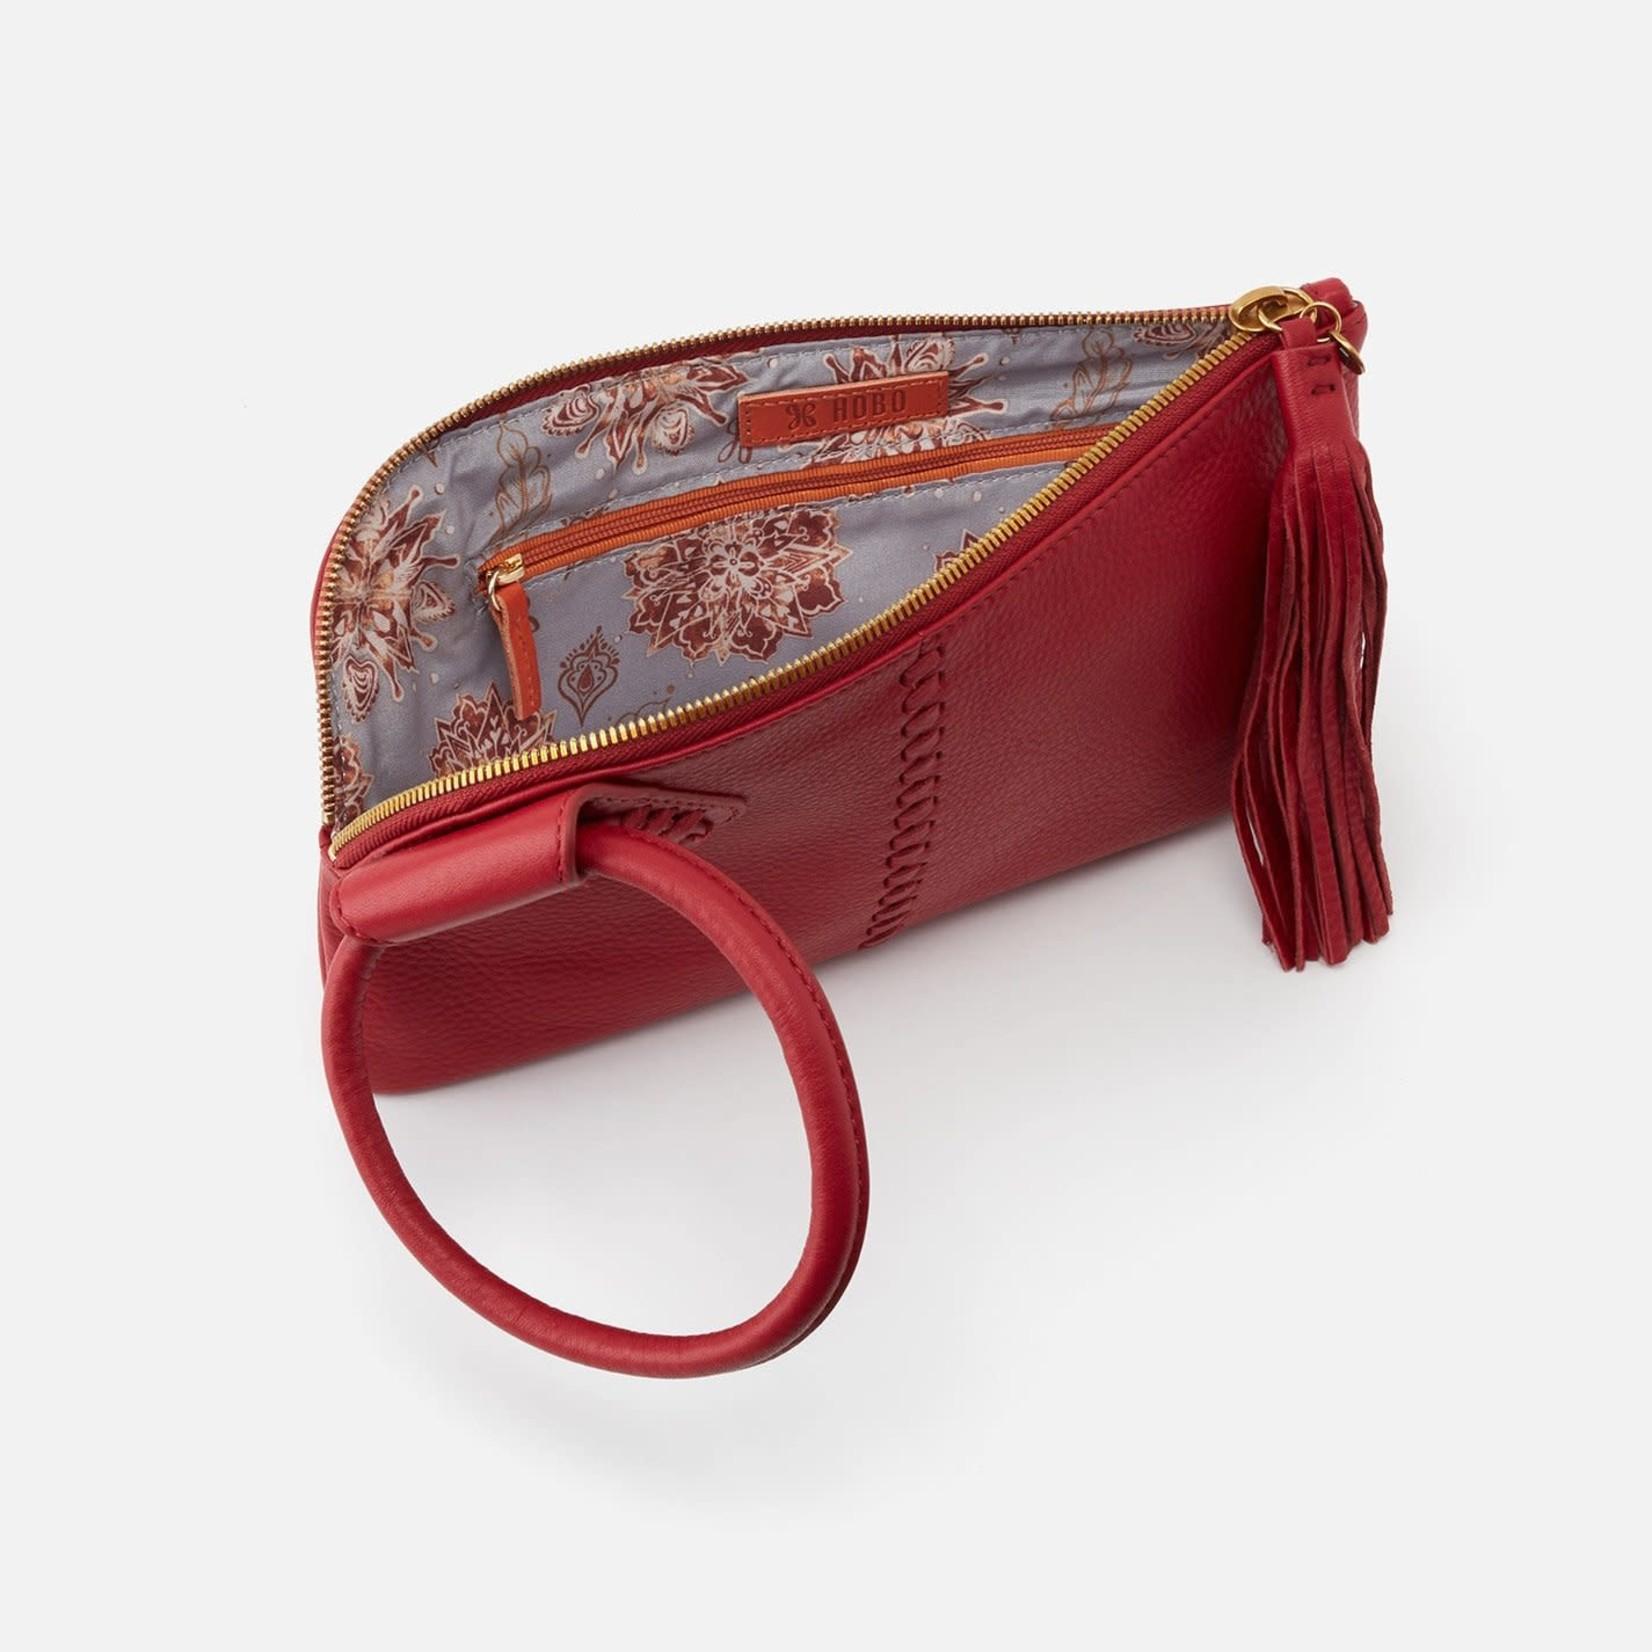 HOBO Sable Scarlet Pebbled Leather Wristlet w/Loop